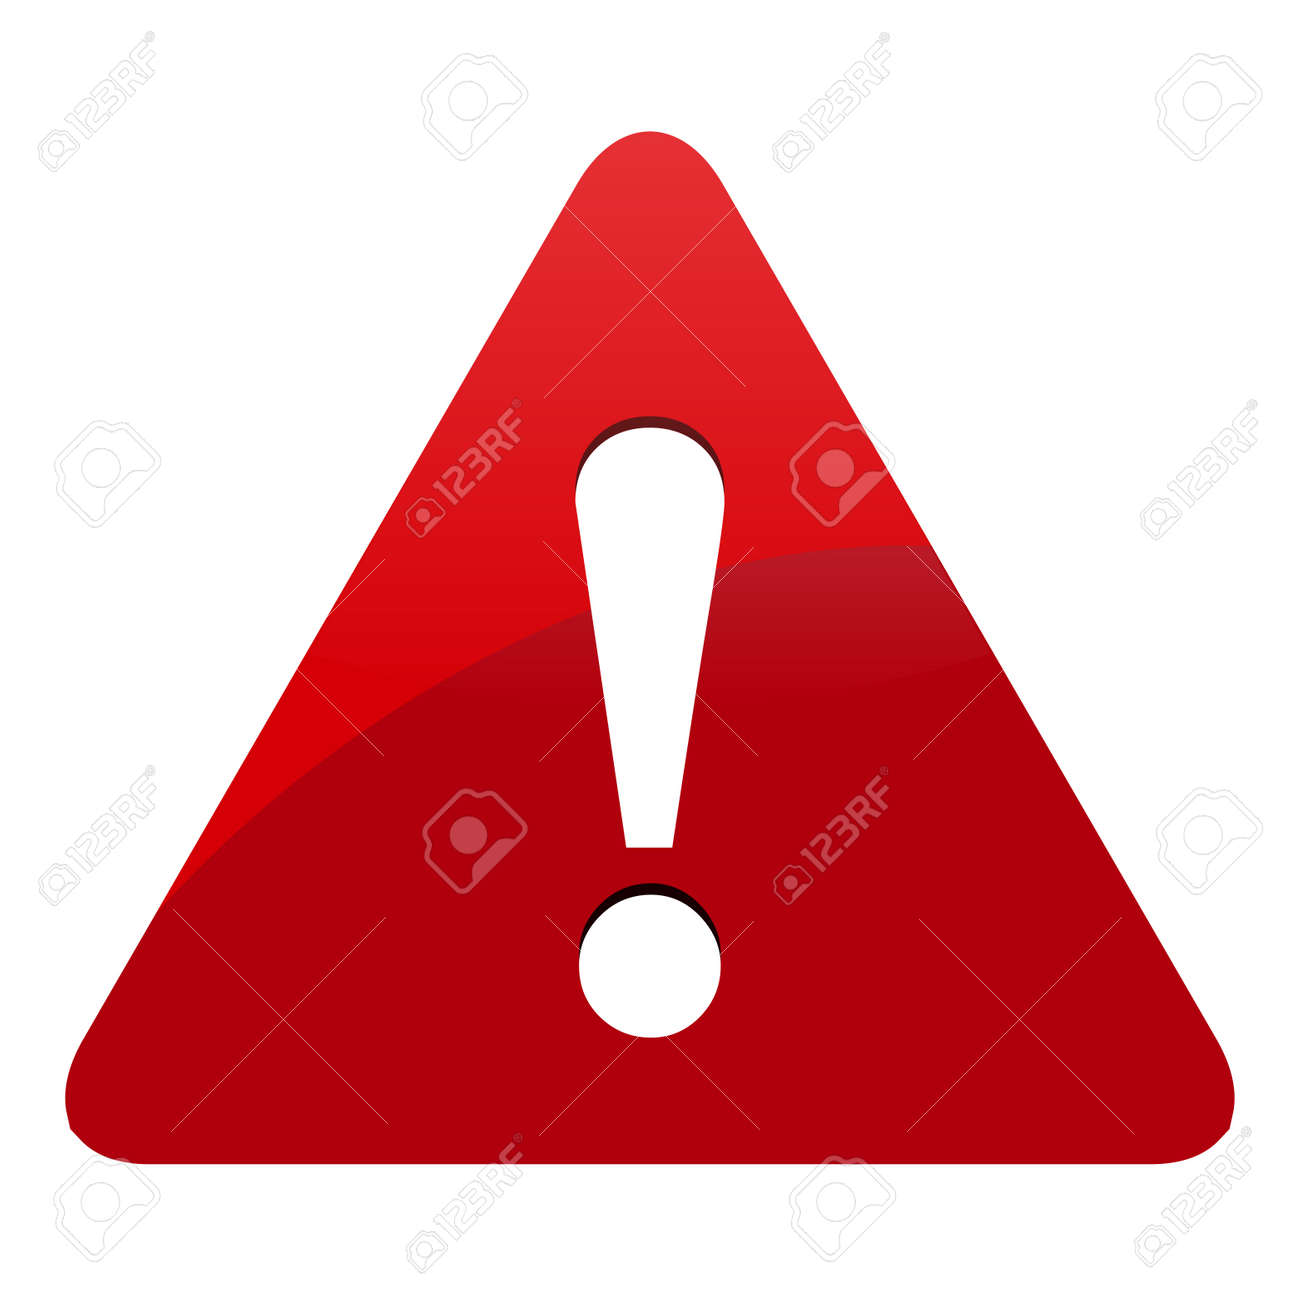 danger warning sign Stock Vector - 20405223